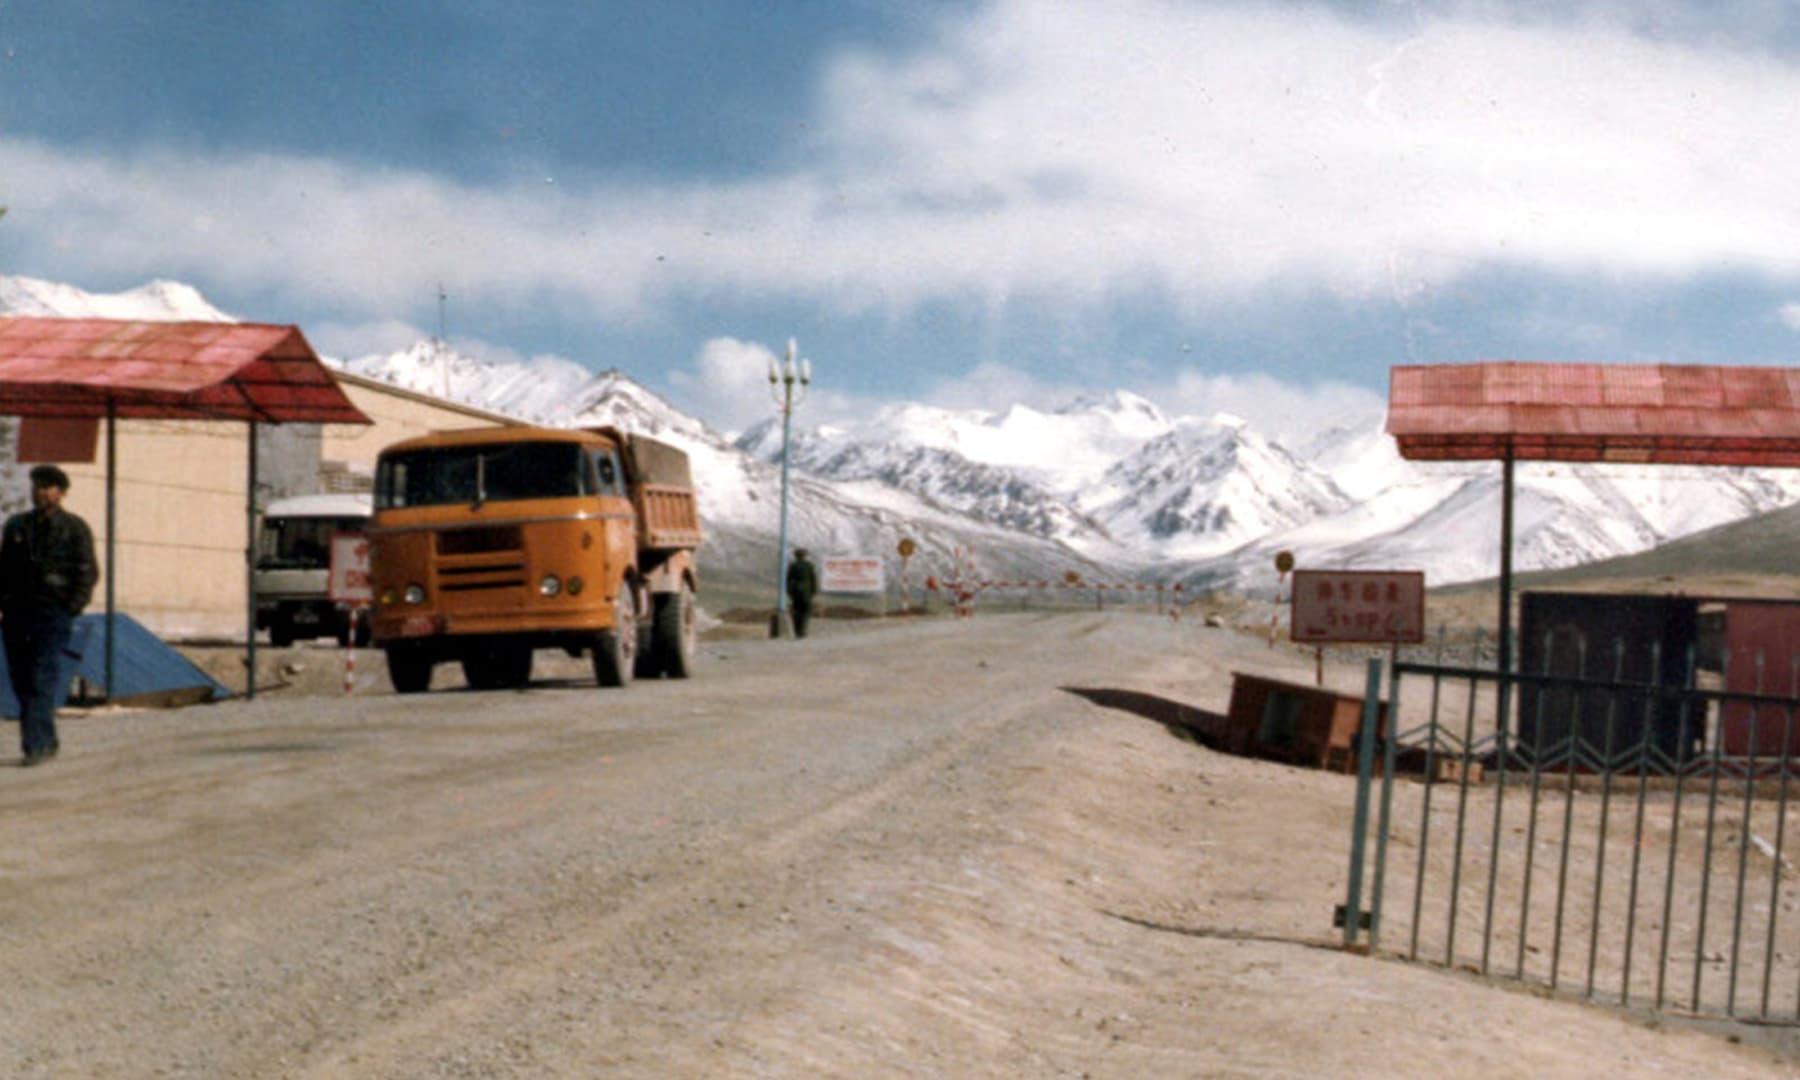 1987 میں پاکستان سے چین کے شہر کاشغر جاتے وقت پہلی چینی چیک پوائنٹ پیرالی آئی تھی—تصویر عبیداللہ کیہر